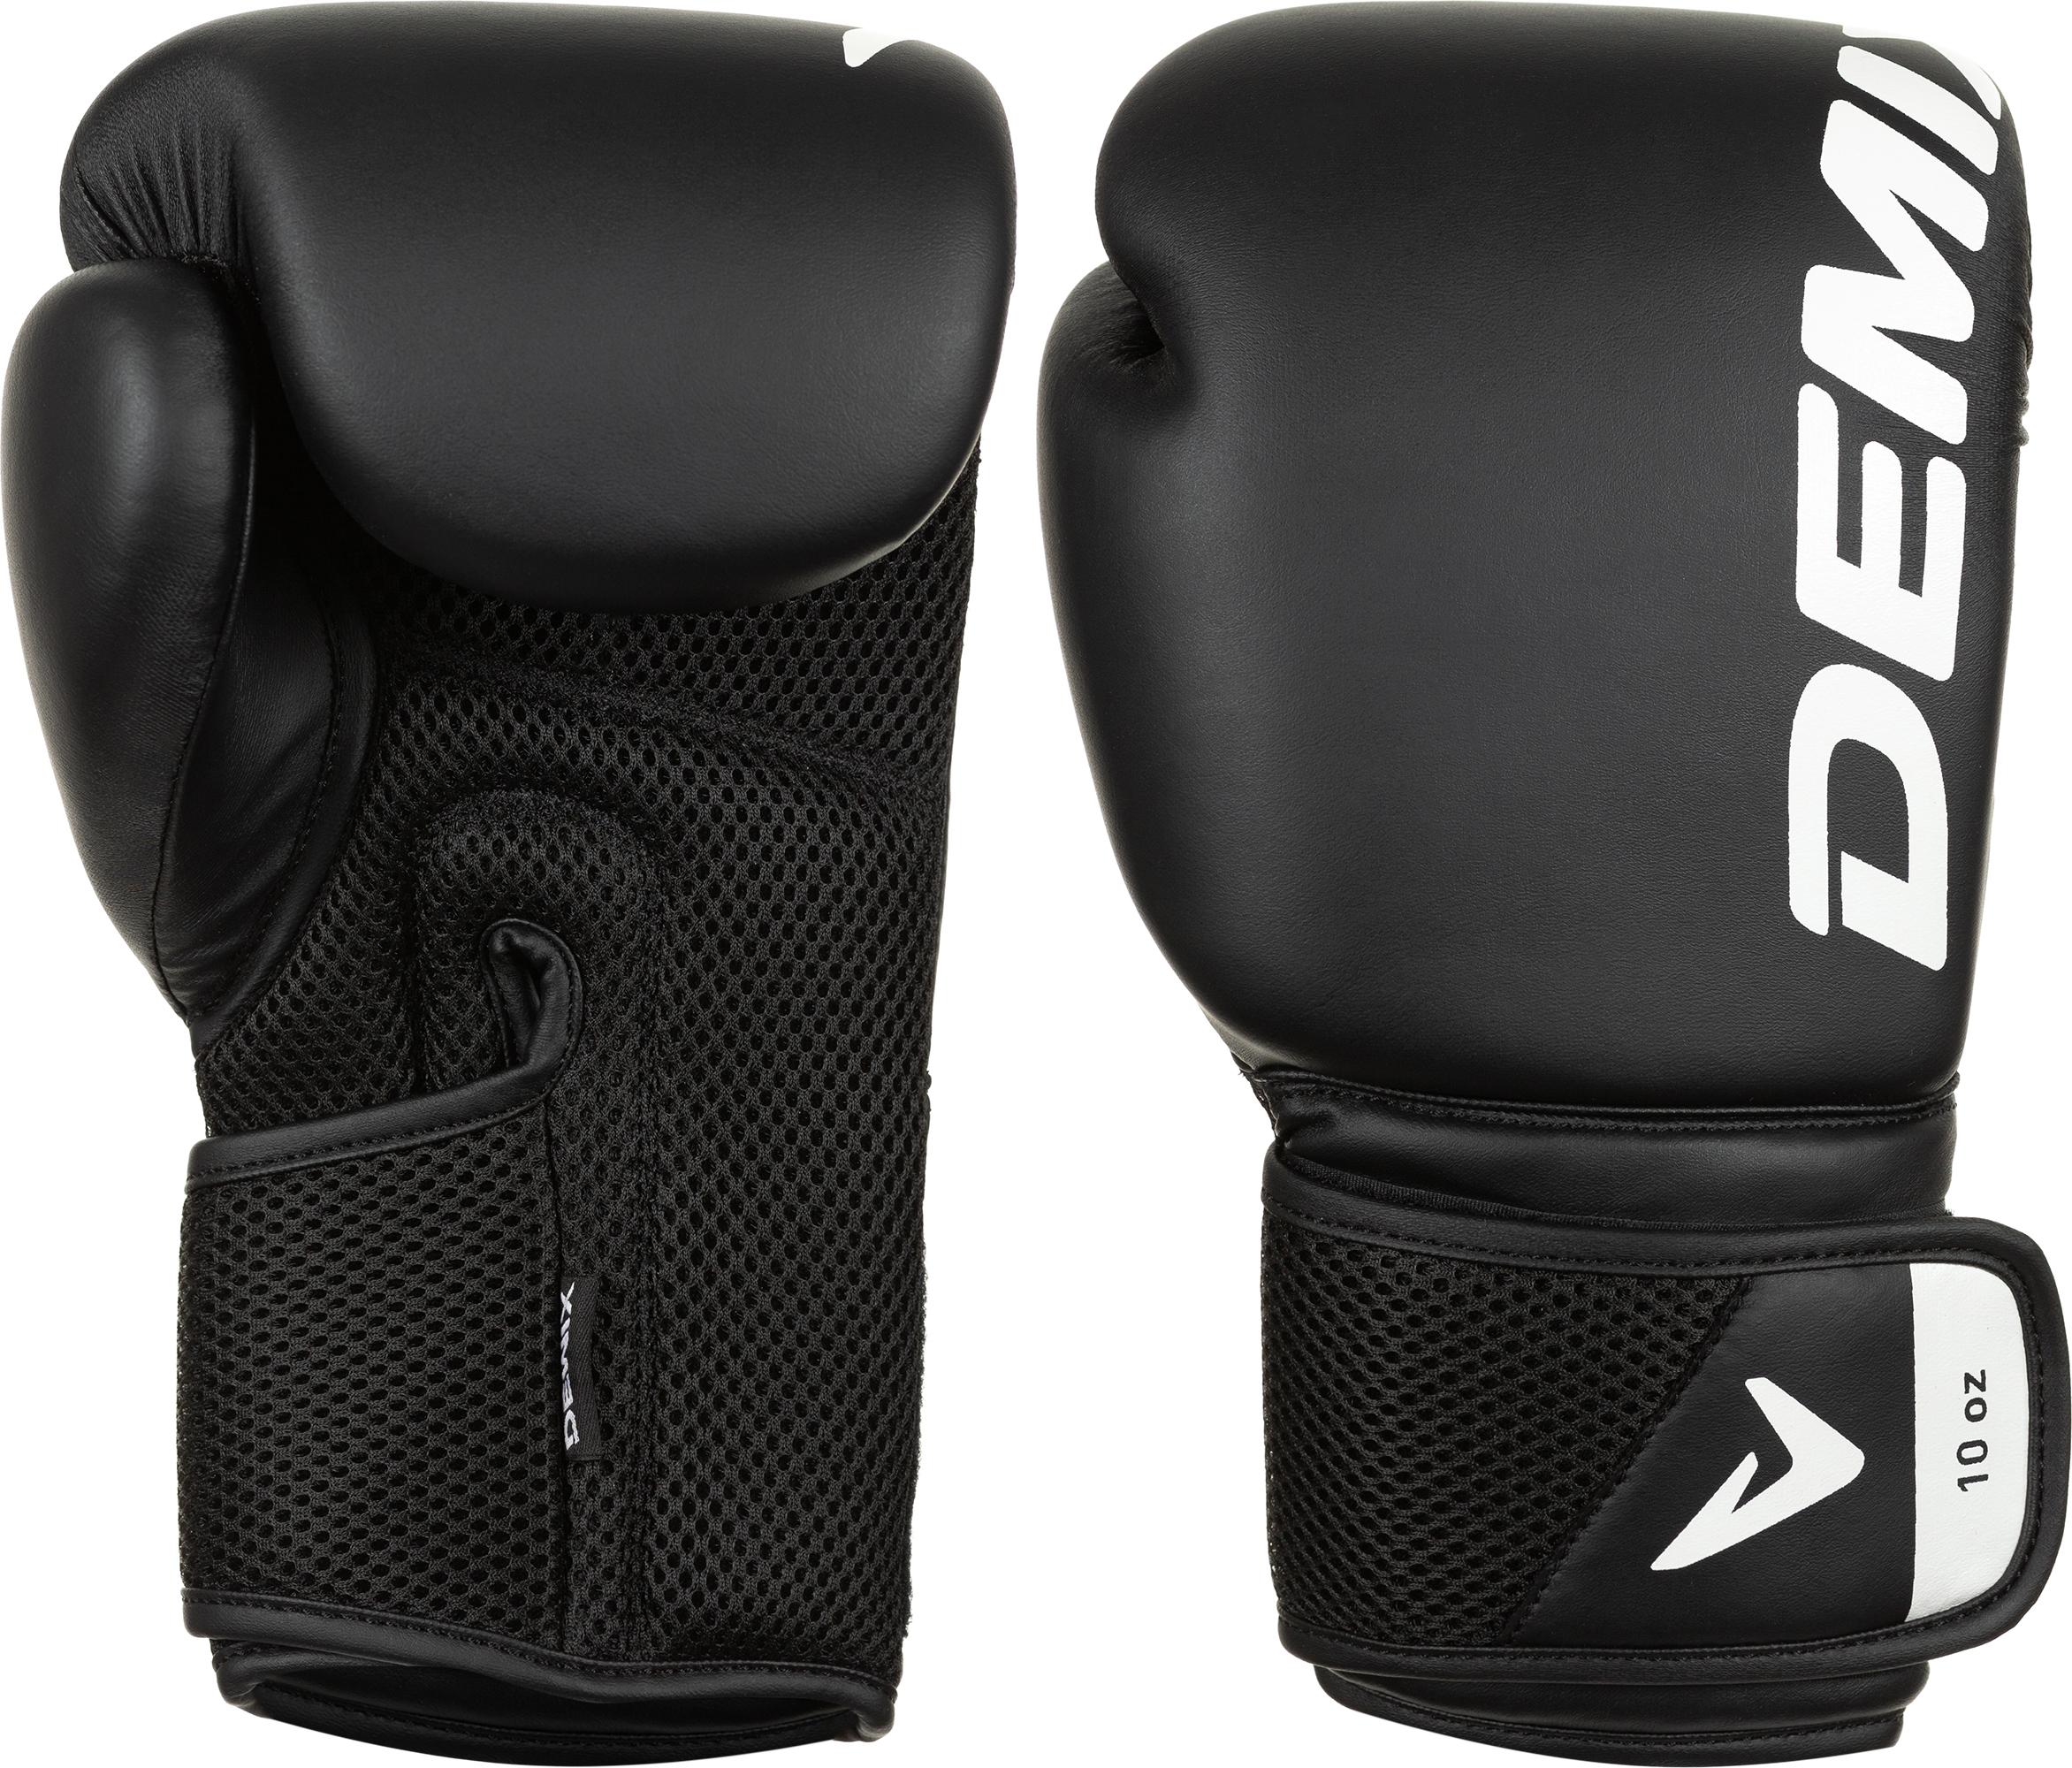 Demix Перчатки боксерские Demix, размер 12 oz